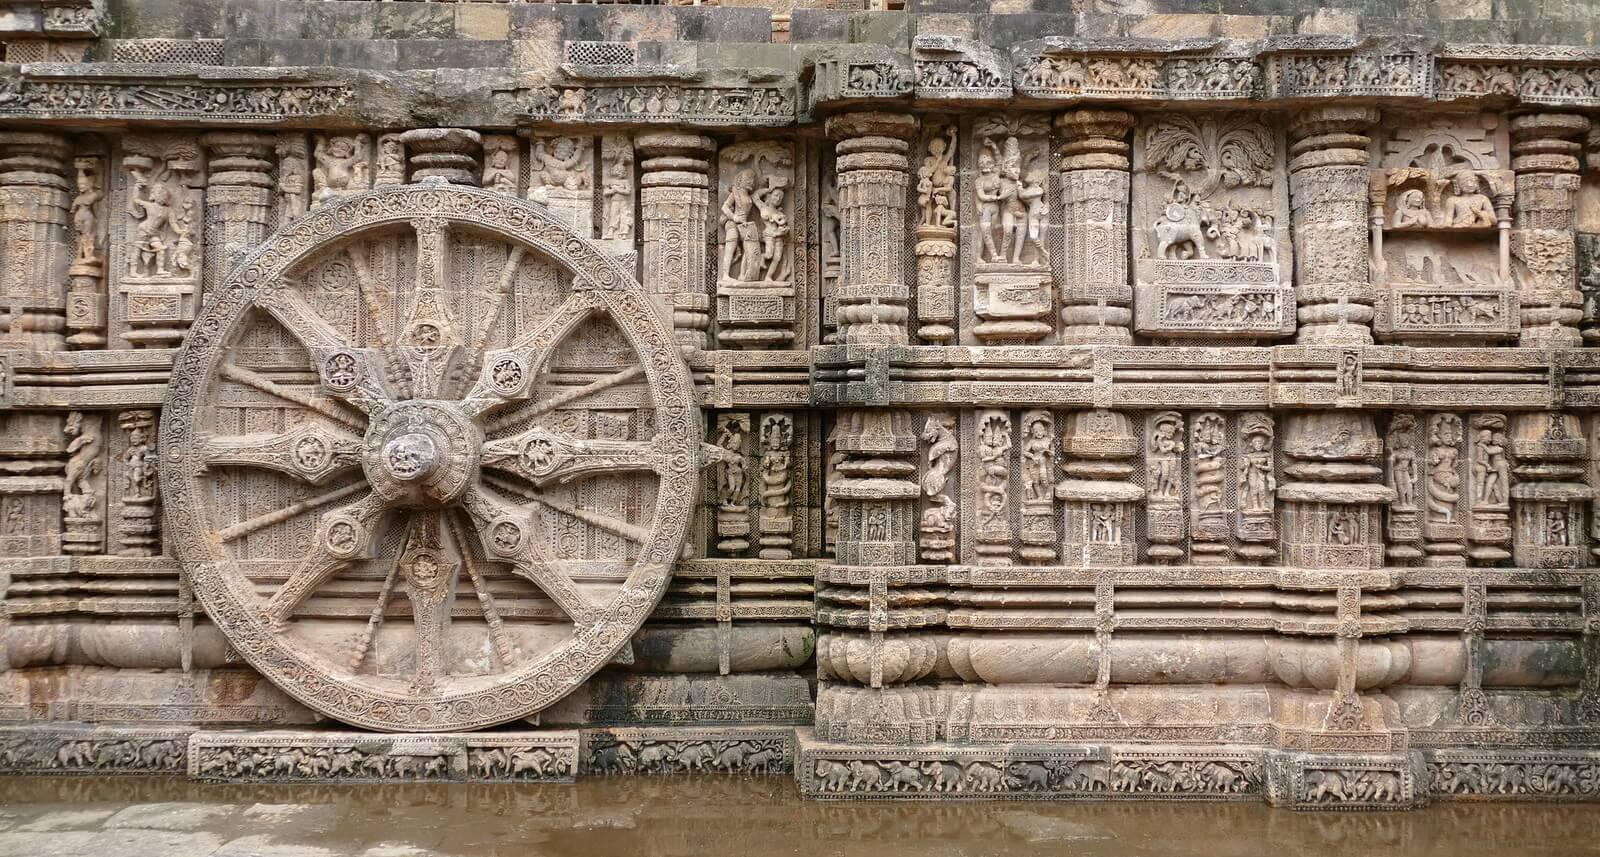 Erotyczne rzeźby w świątyni słońca w Indiach